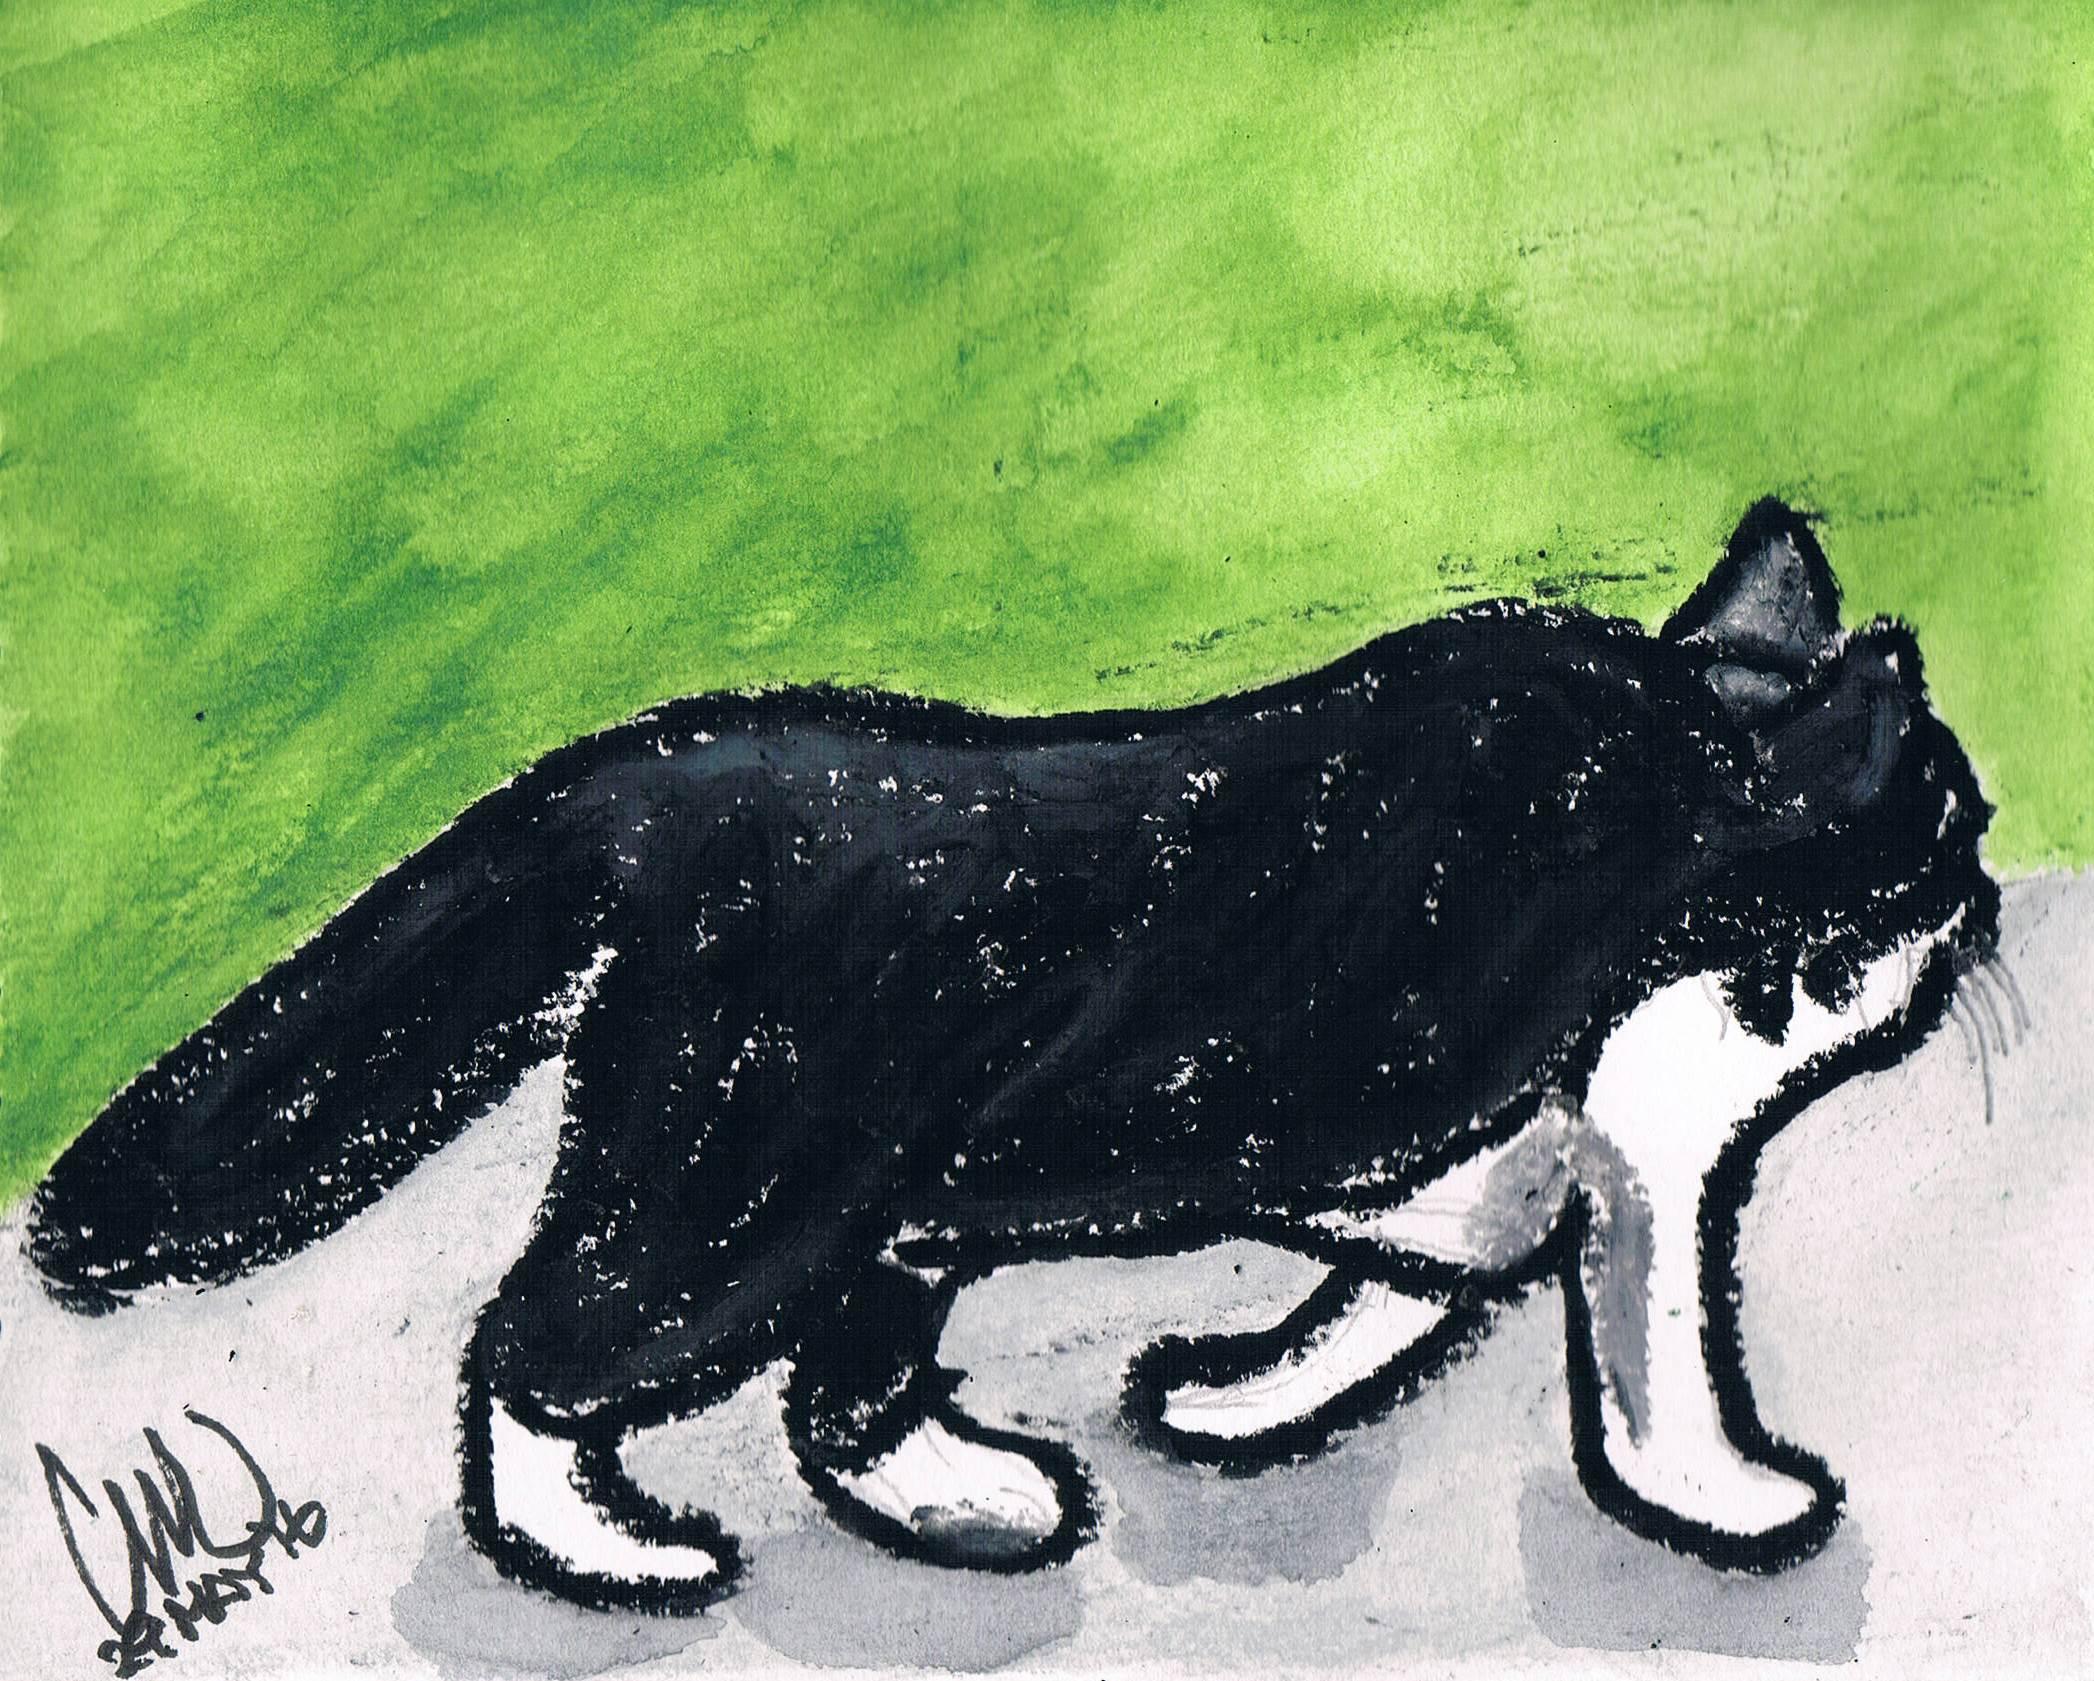 太った黒猫_e0232277_10304616.jpg